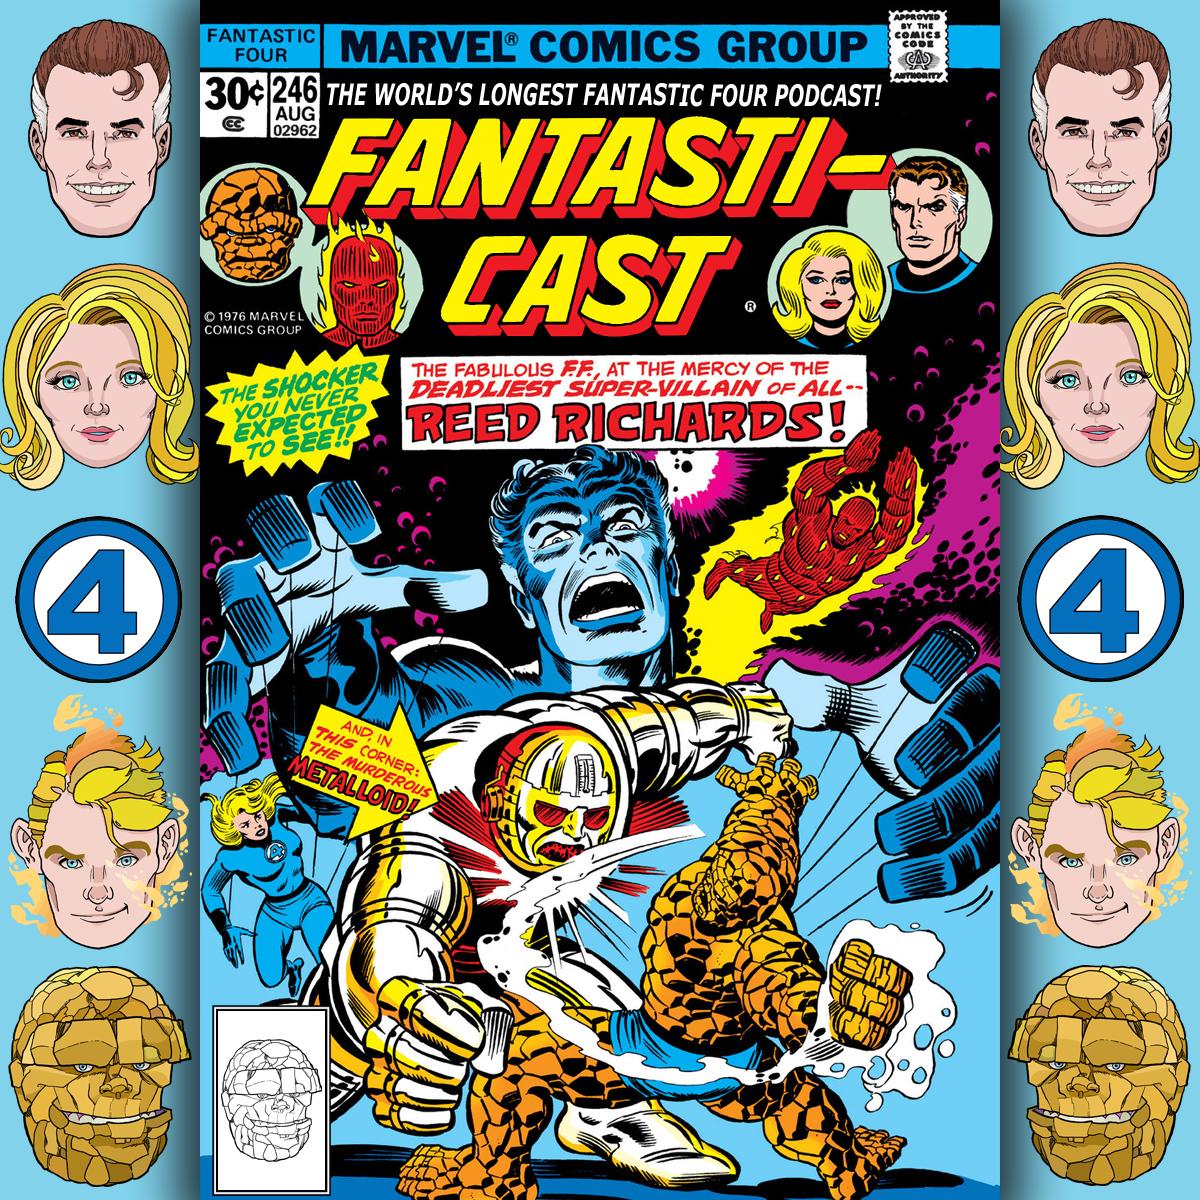 The Fantasticast Episode 246